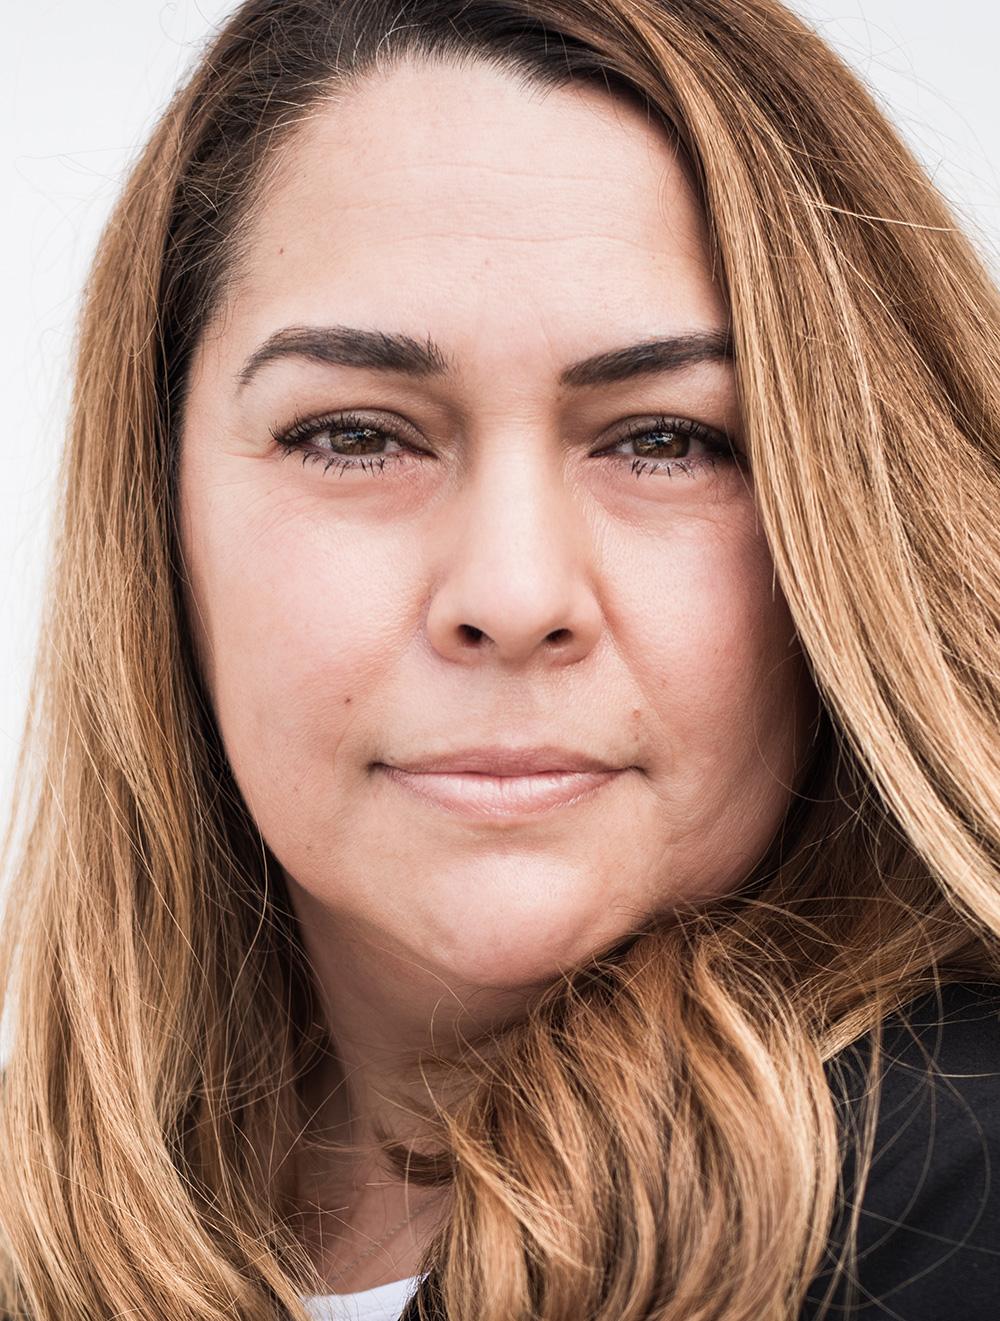 Reyna Mirabal